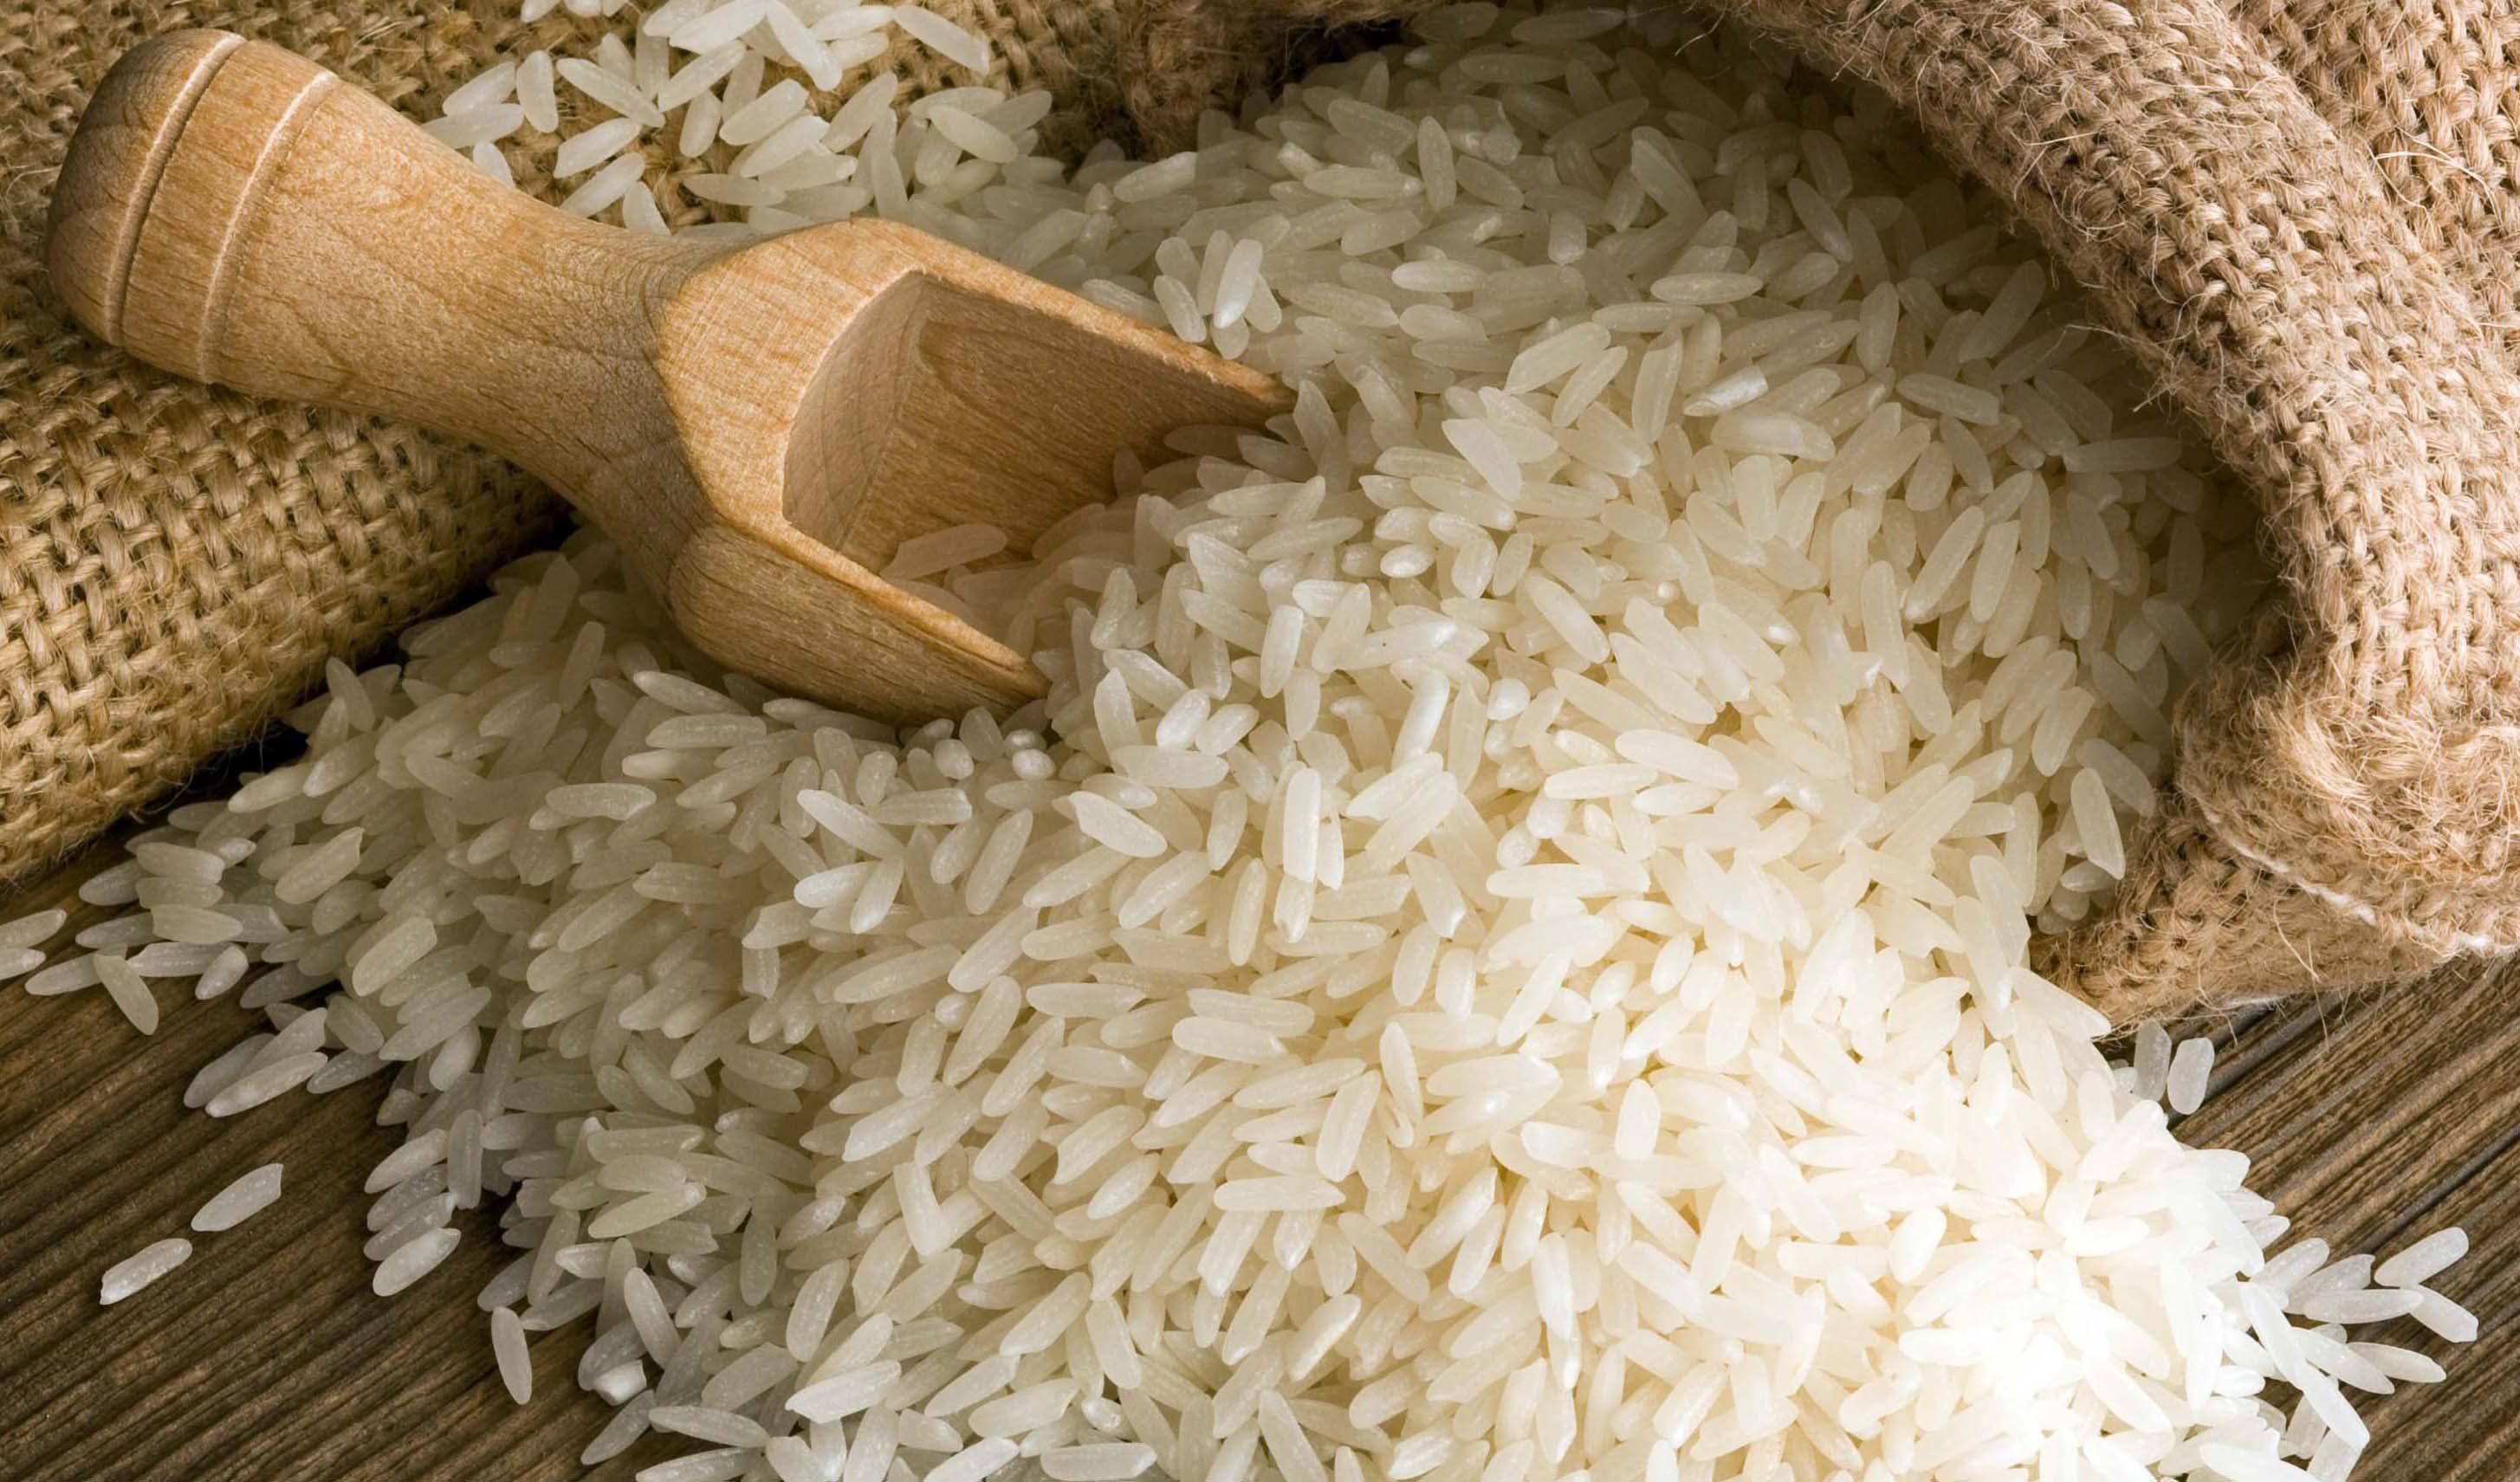 افزایش بیش از اندازه قیمت برنج و گندم در بازارهای جهانی/ کشورها ذخیره چهار ماه را داشته باشند